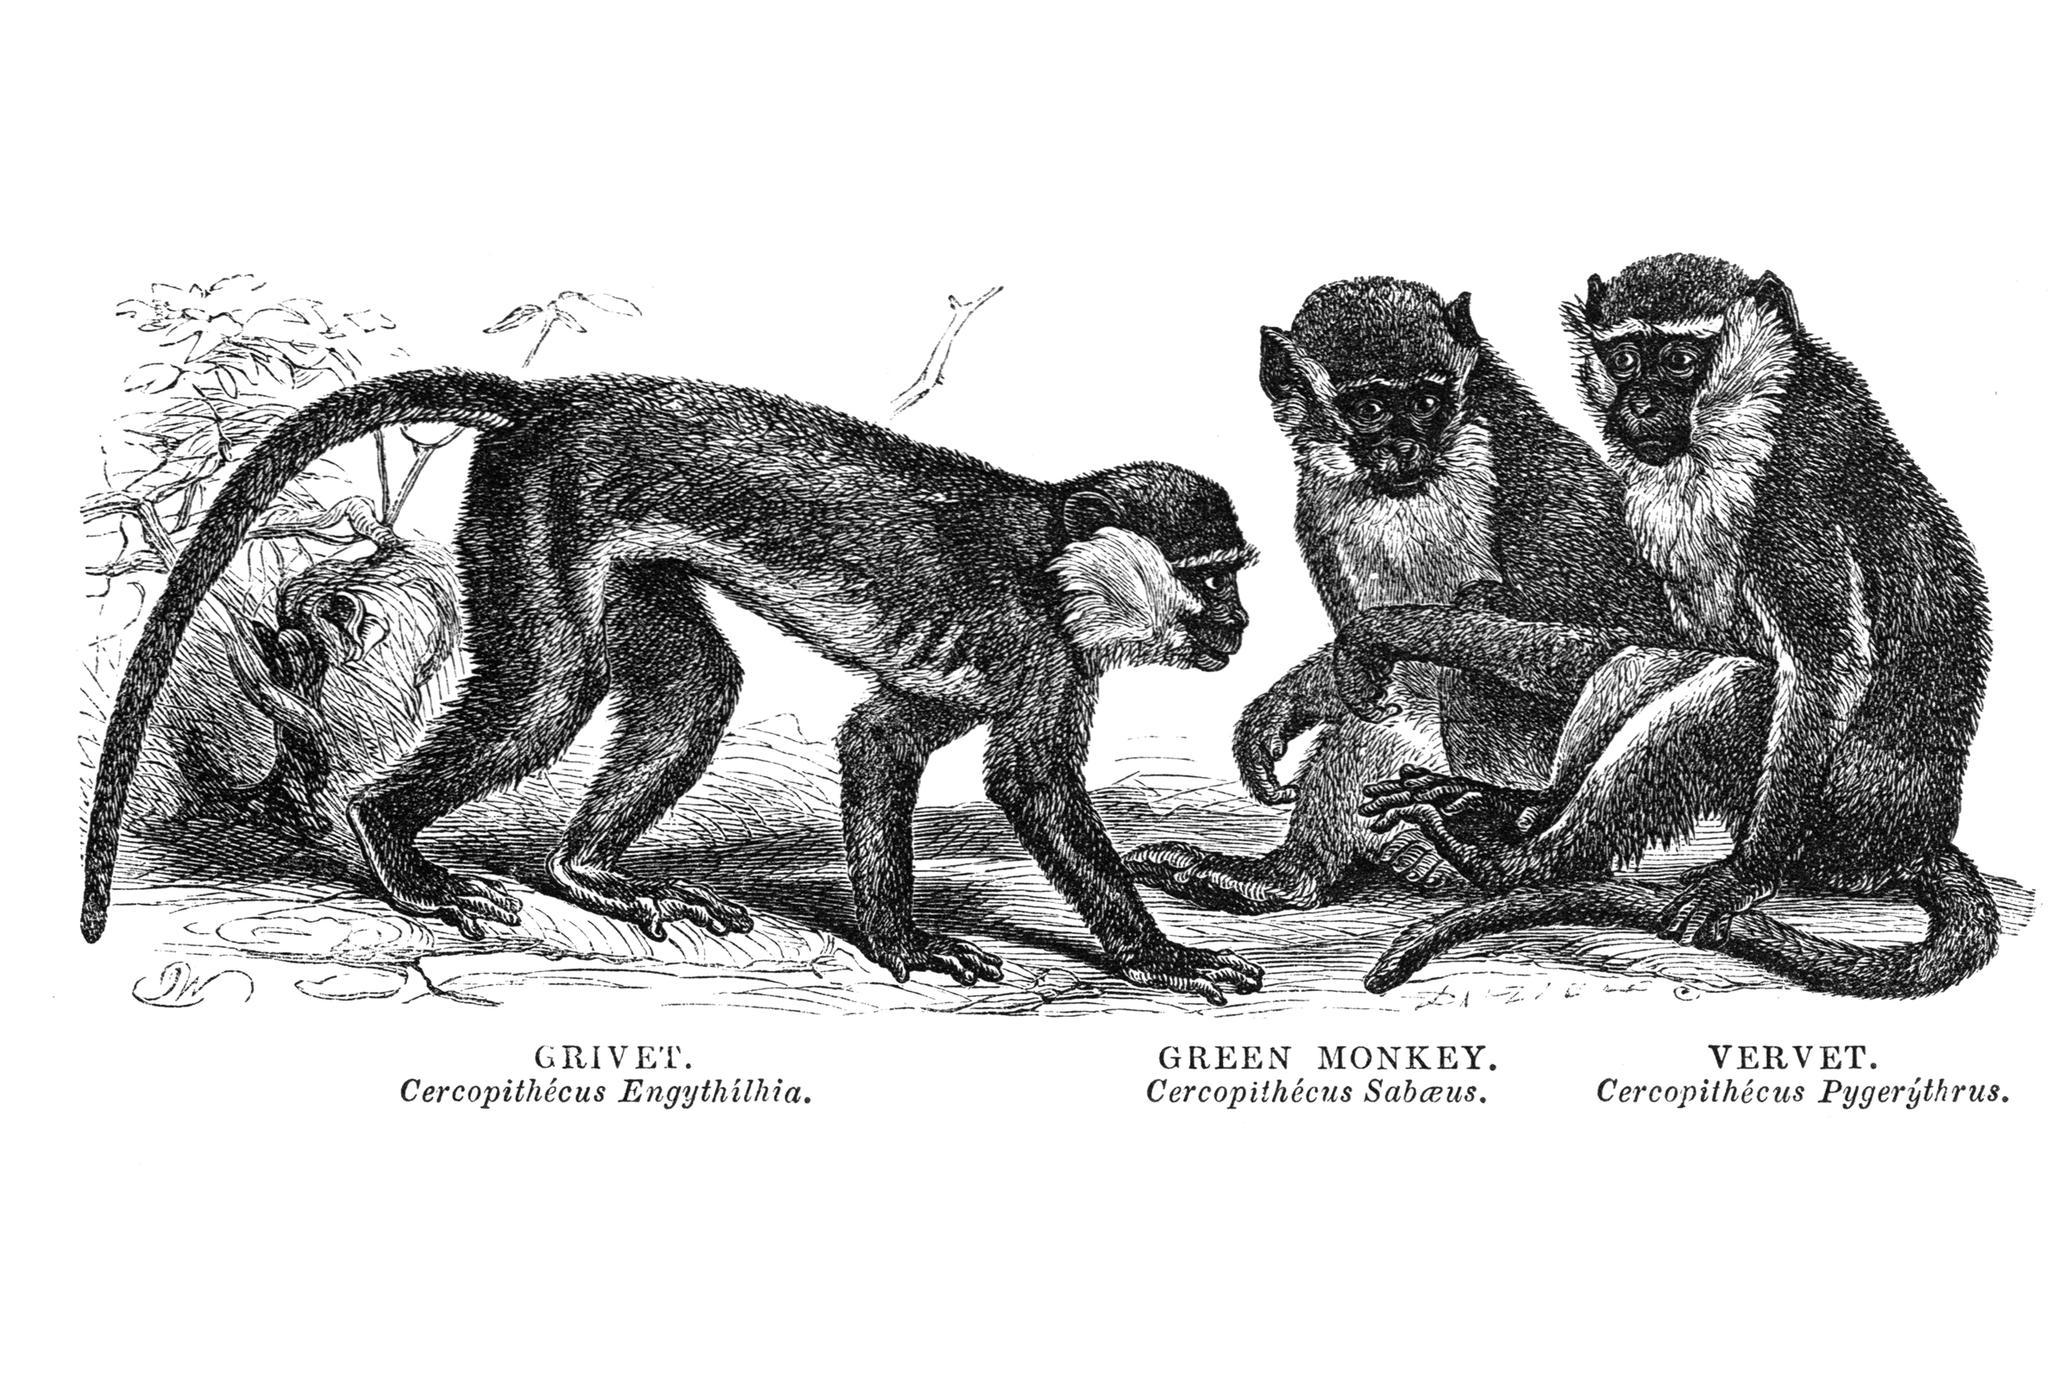 Grivet, Green Monkey, and Vervet